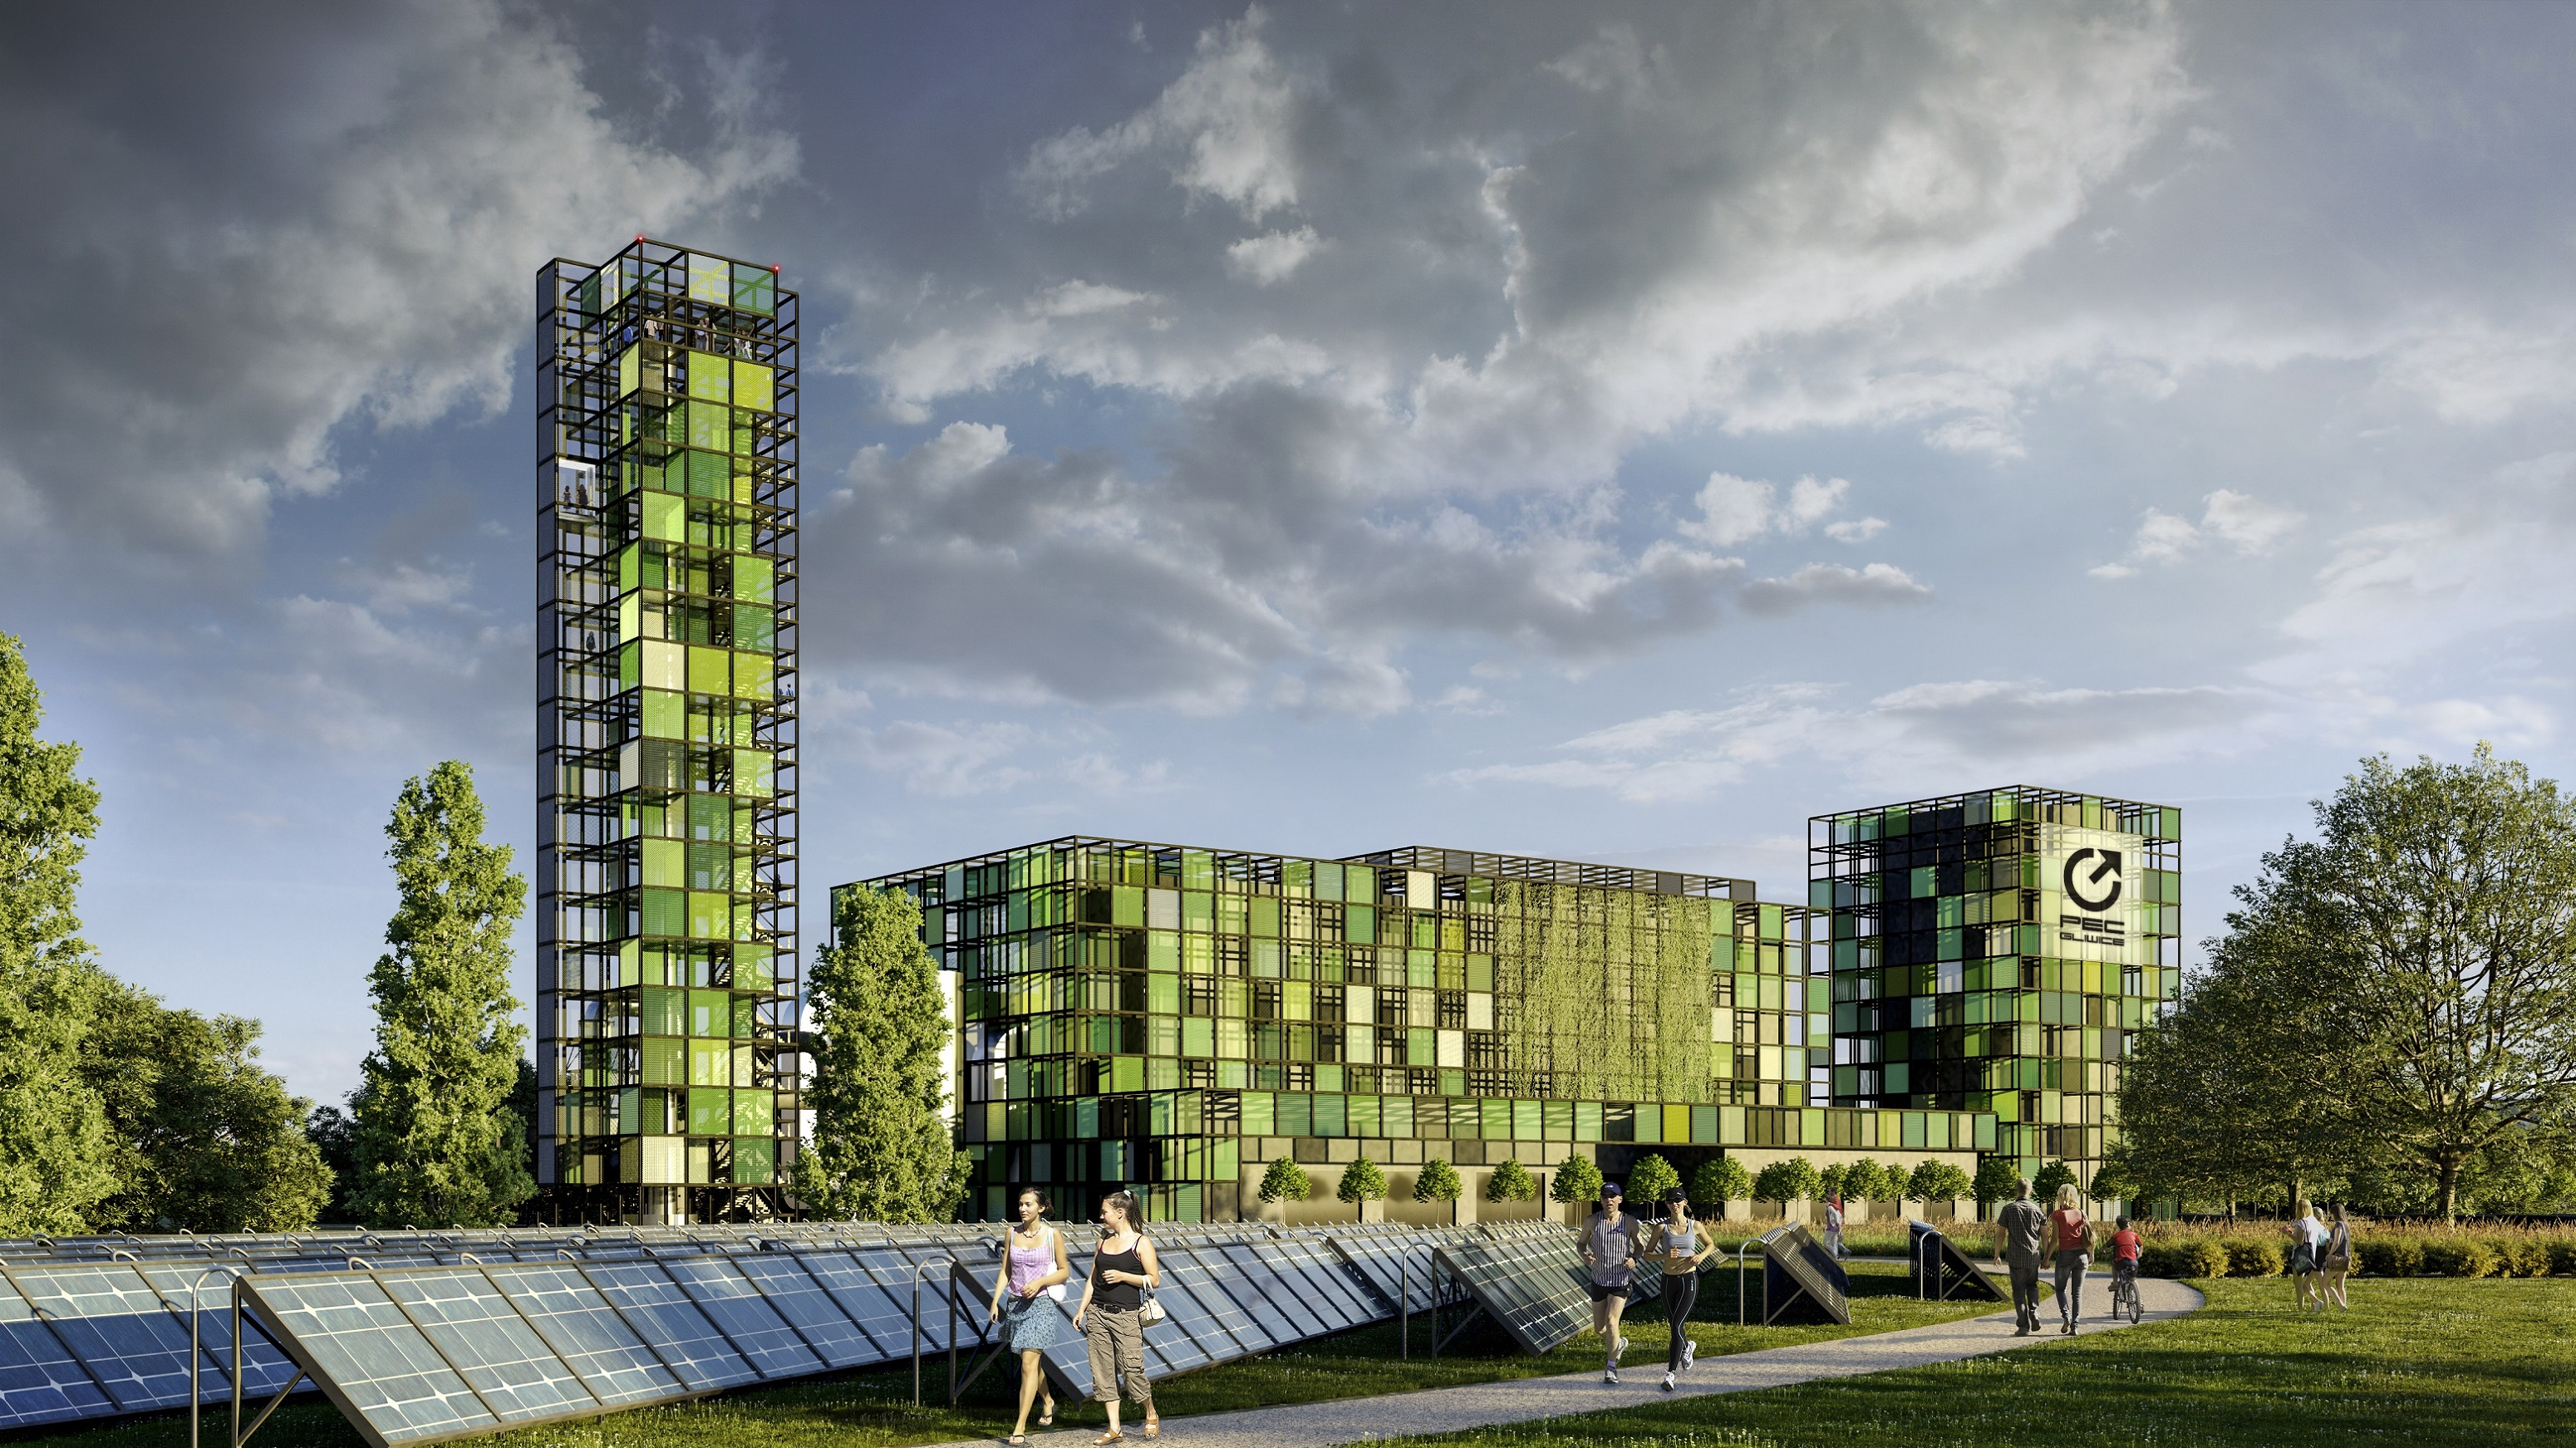 wizualizacja Parku Zielonej Energii